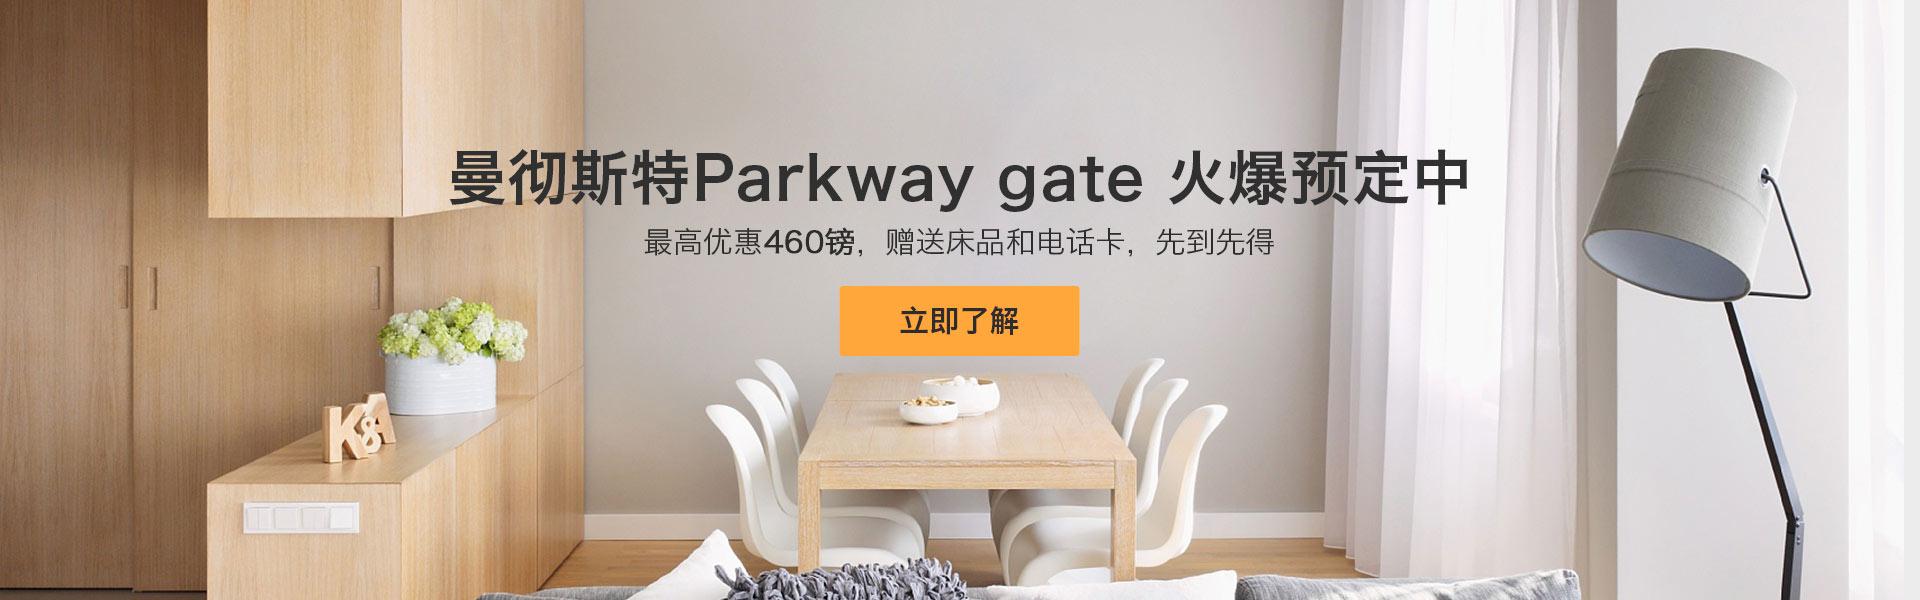 曼彻斯特Parkway gate公寓火爆预订中,优惠不等人!